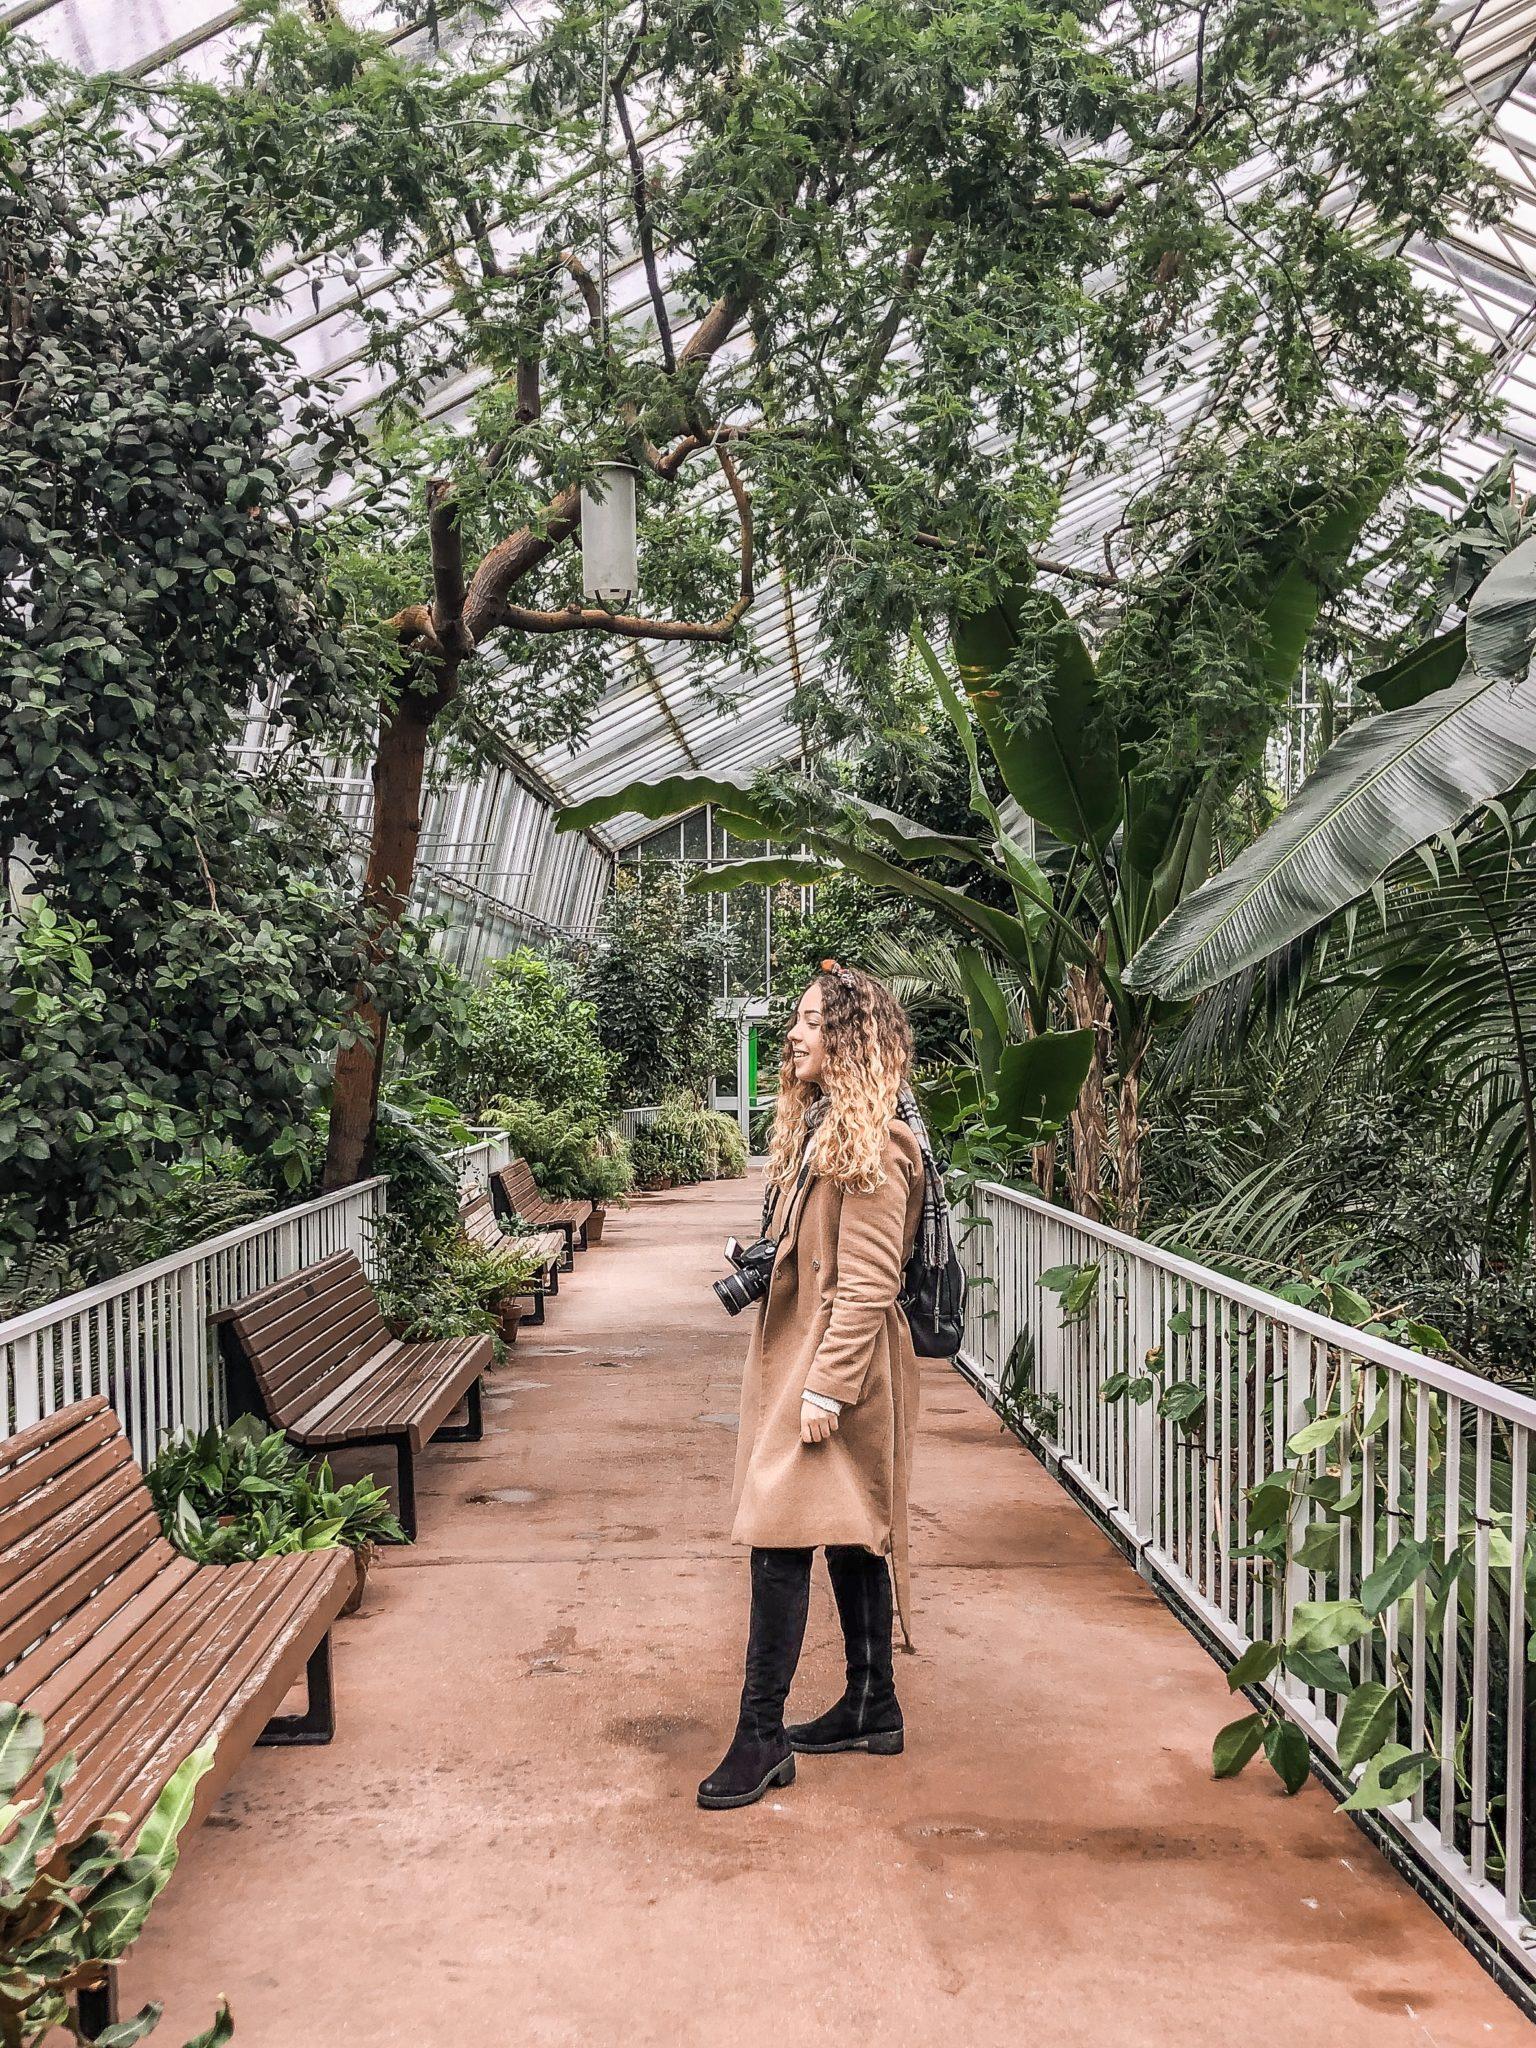 szkocja edynburg ogród